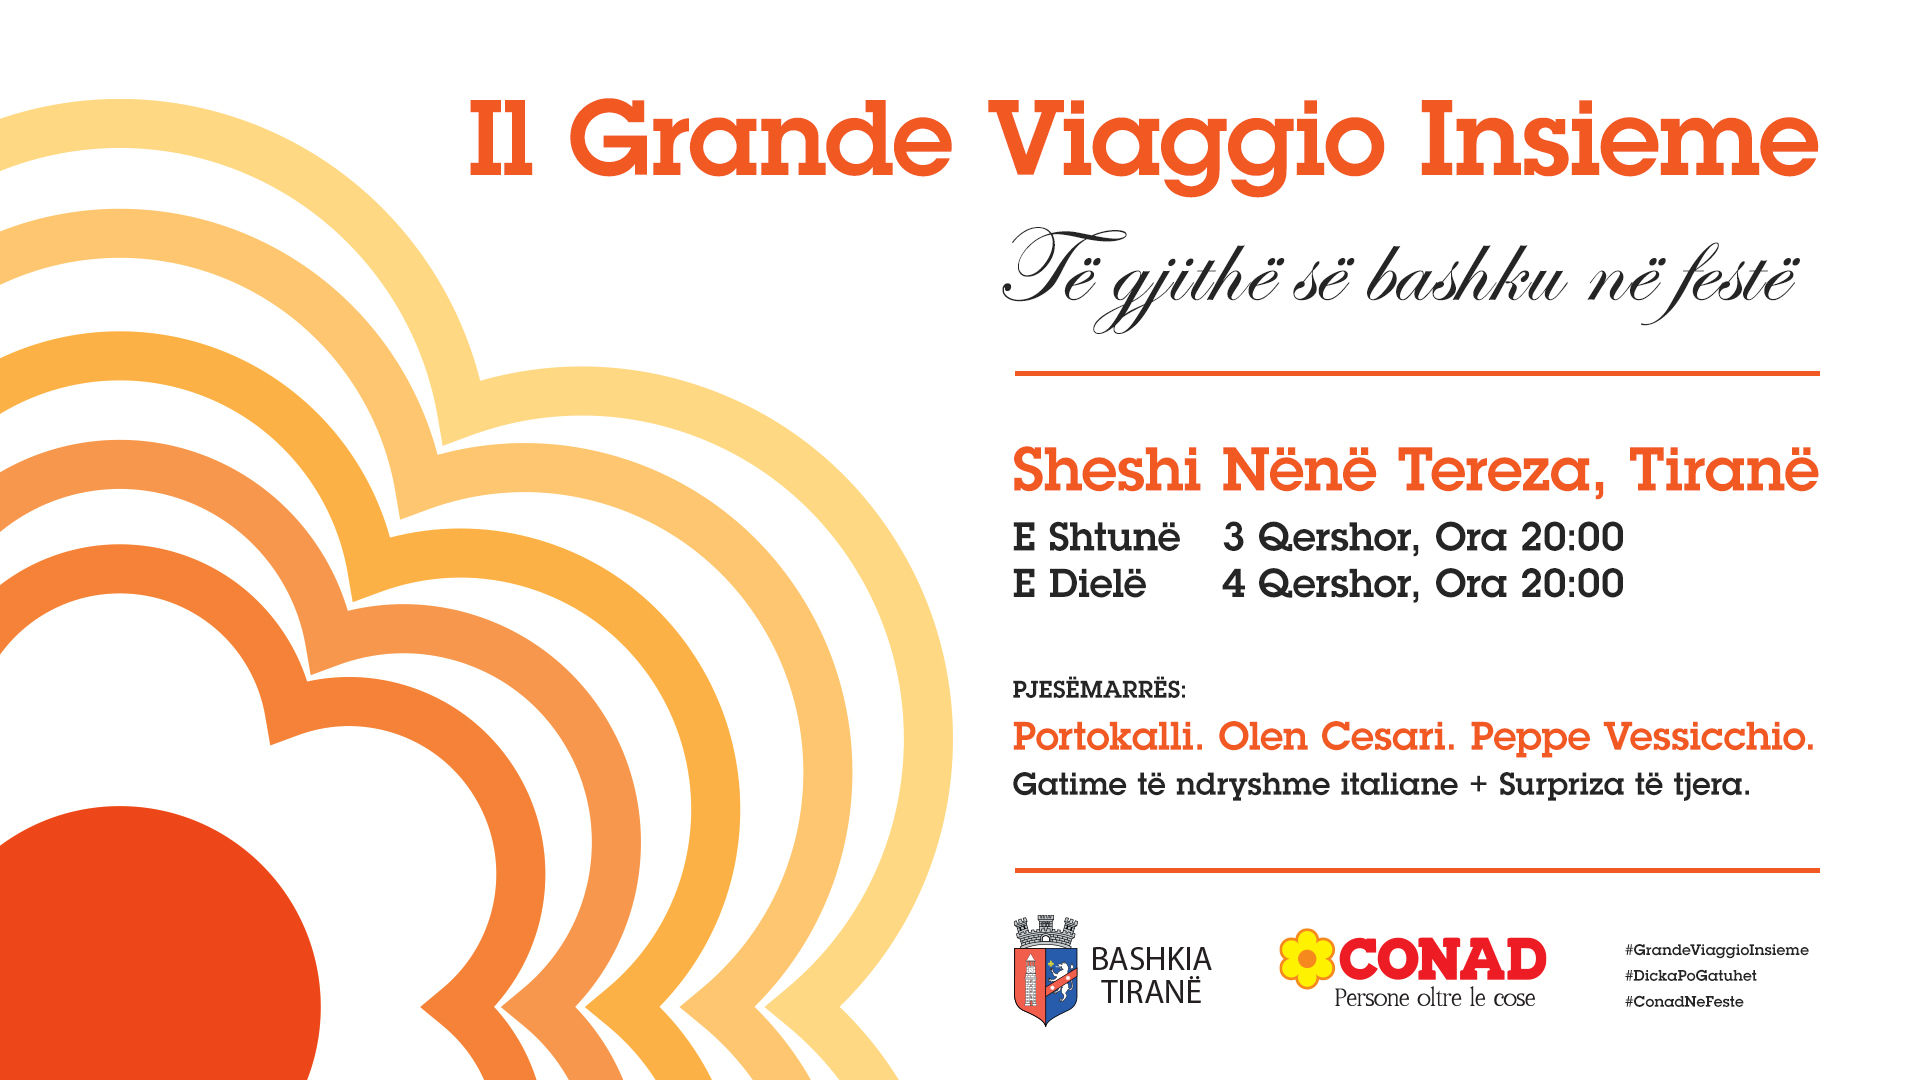 IL GRANDE VIAGGIO INSIEME - TIRANA 2017 - Sheshi Nënë Tereza. 3-4 Qershor 2017. 19:00. Special guests: Portokalli. Olen Cesari. Peppe Vessicchio.